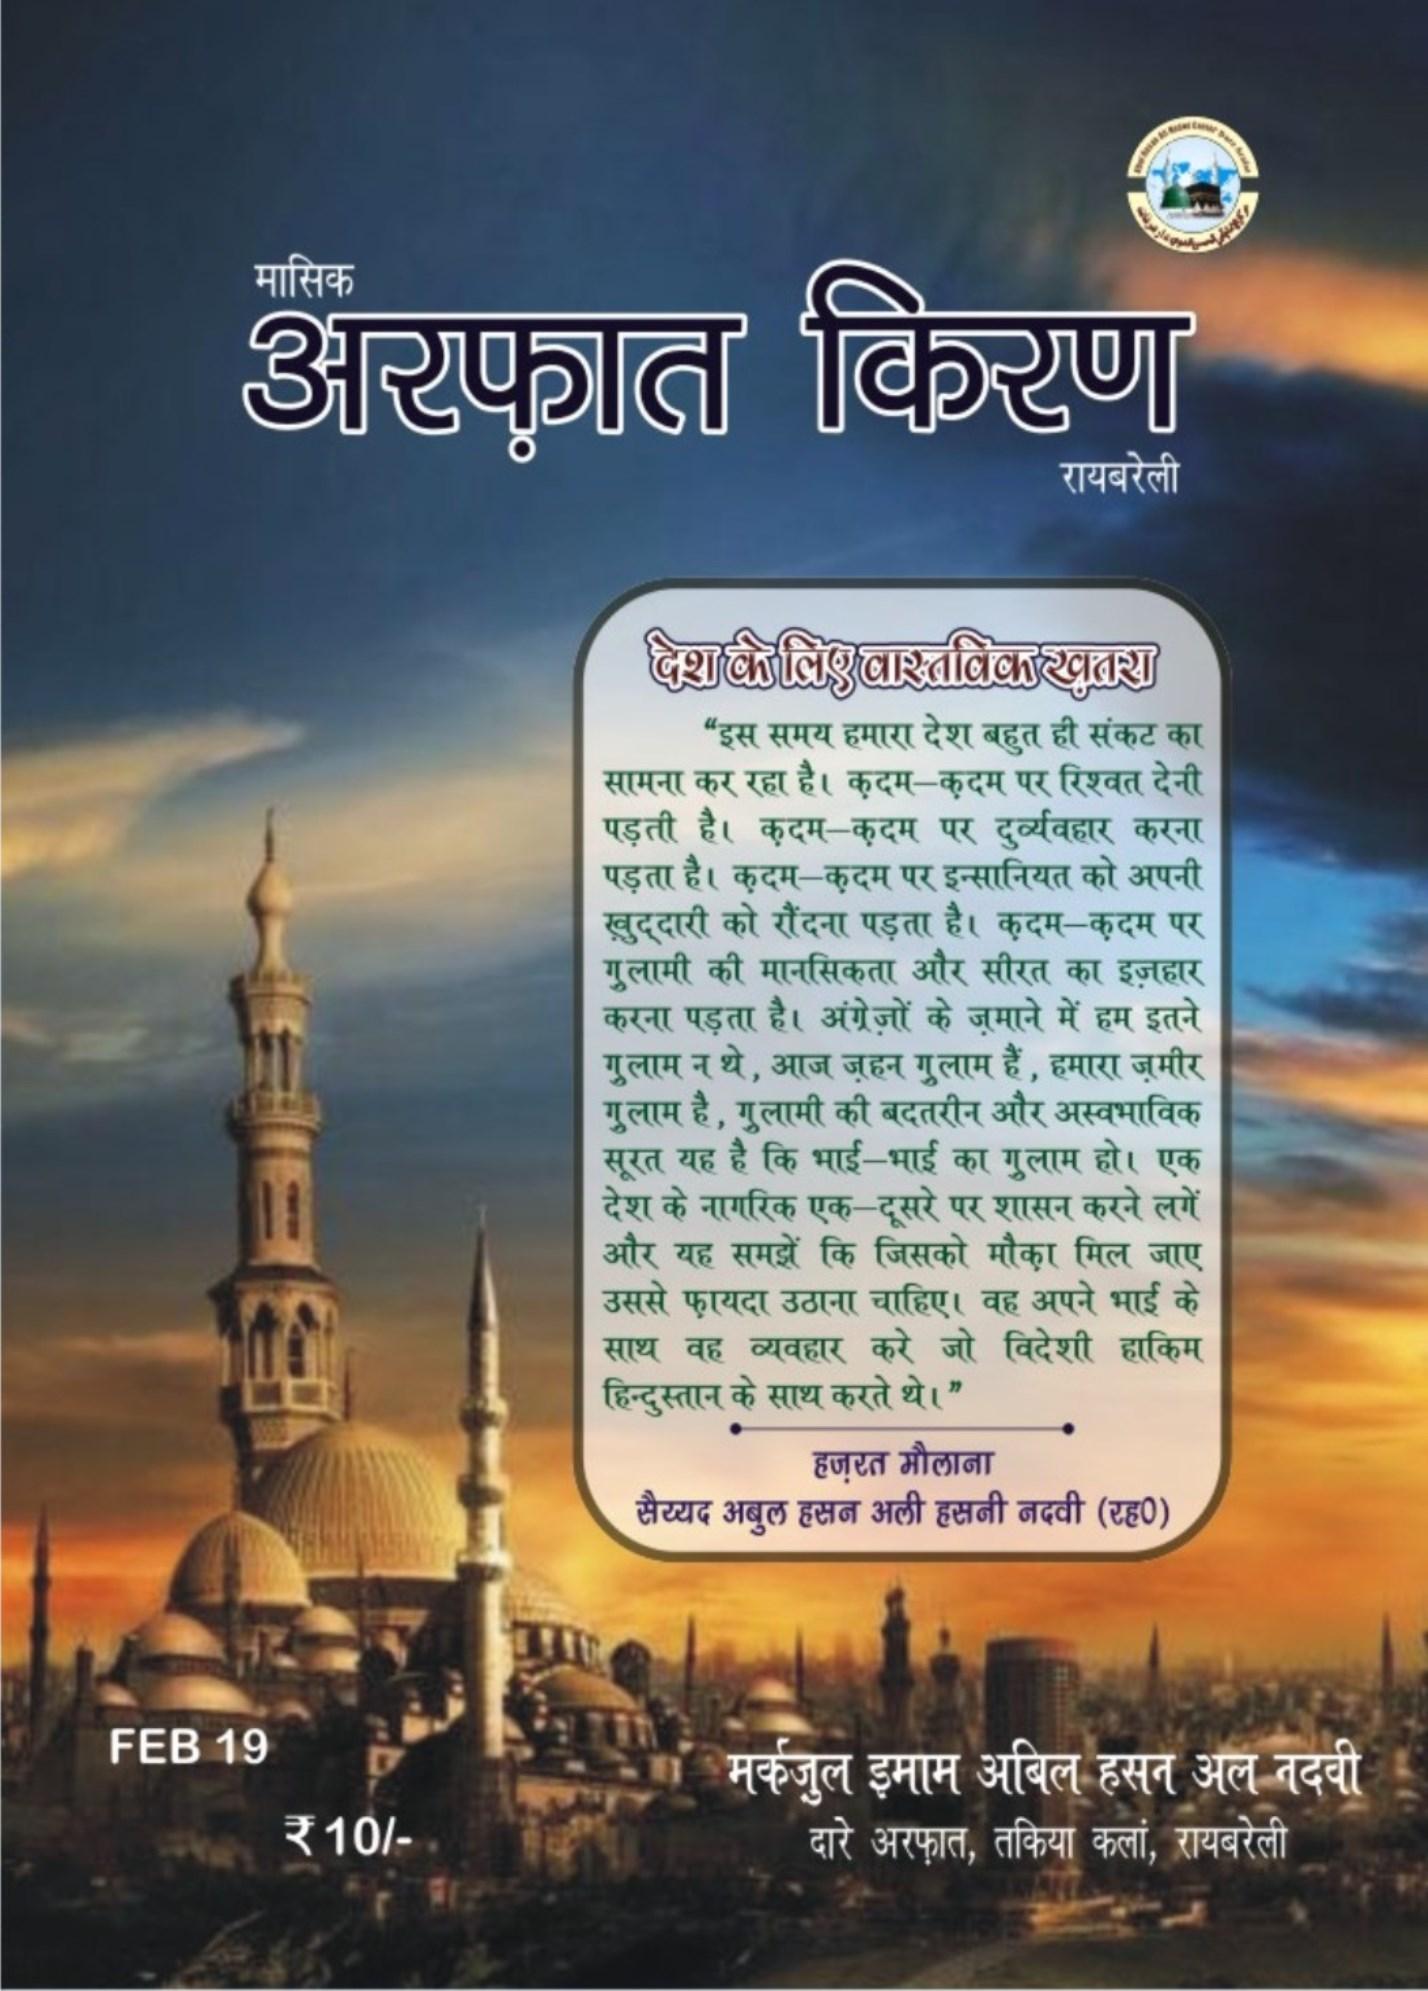 2. Kiran_Feb 19 (1428 x 1991)